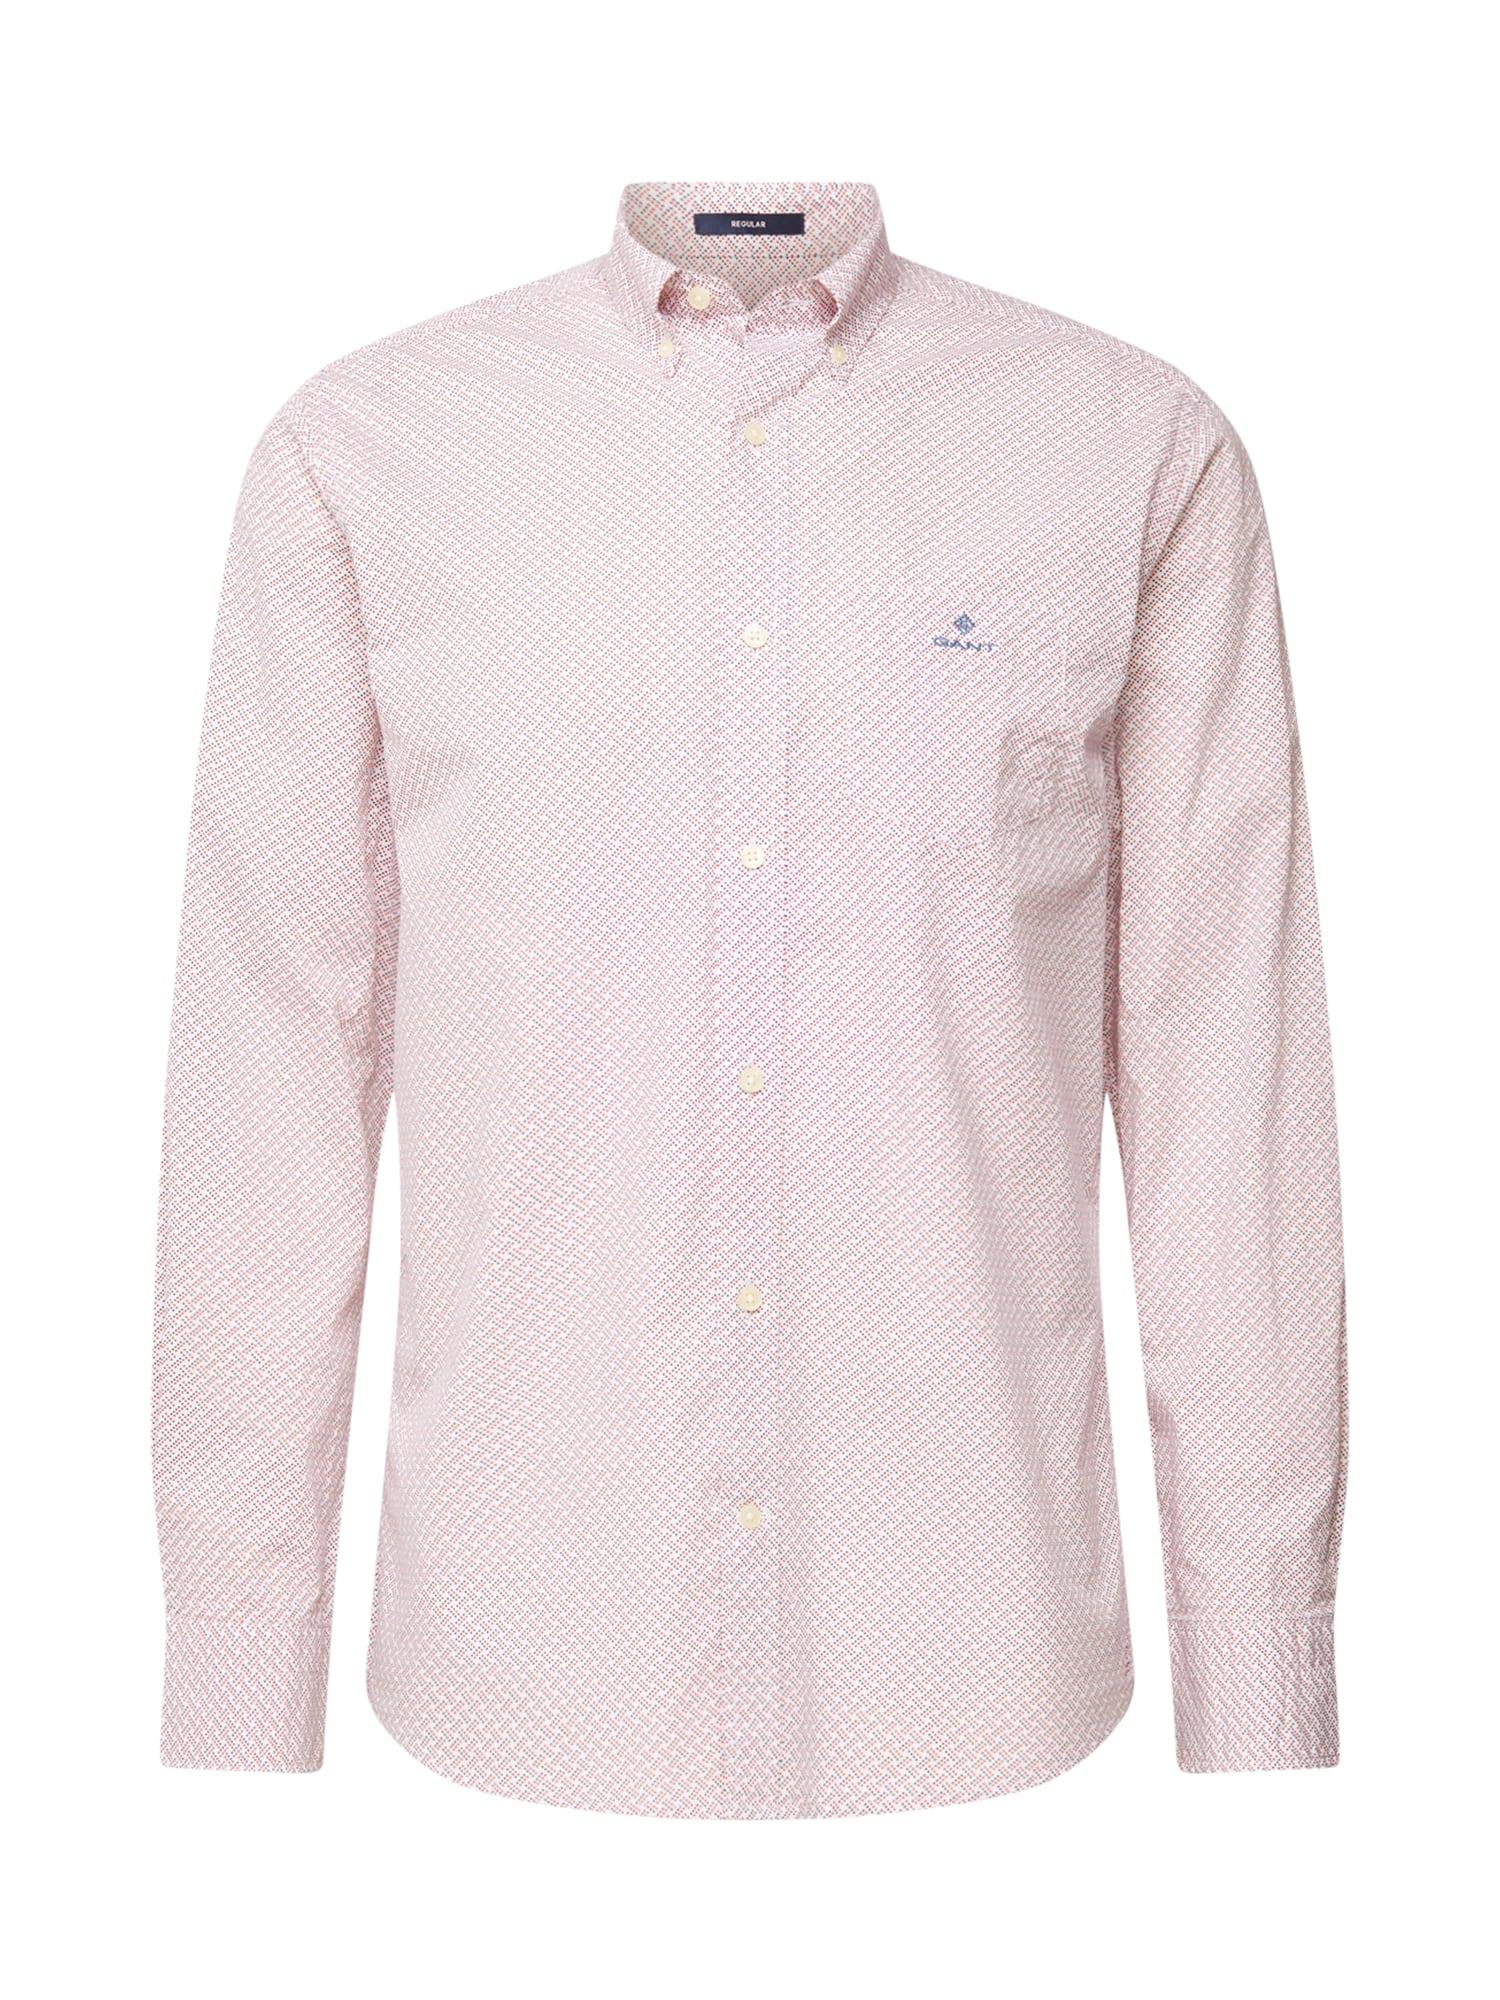 GANT Marškiniai vyšninė spalva / balta / tamsiai mėlyna jūros spalva